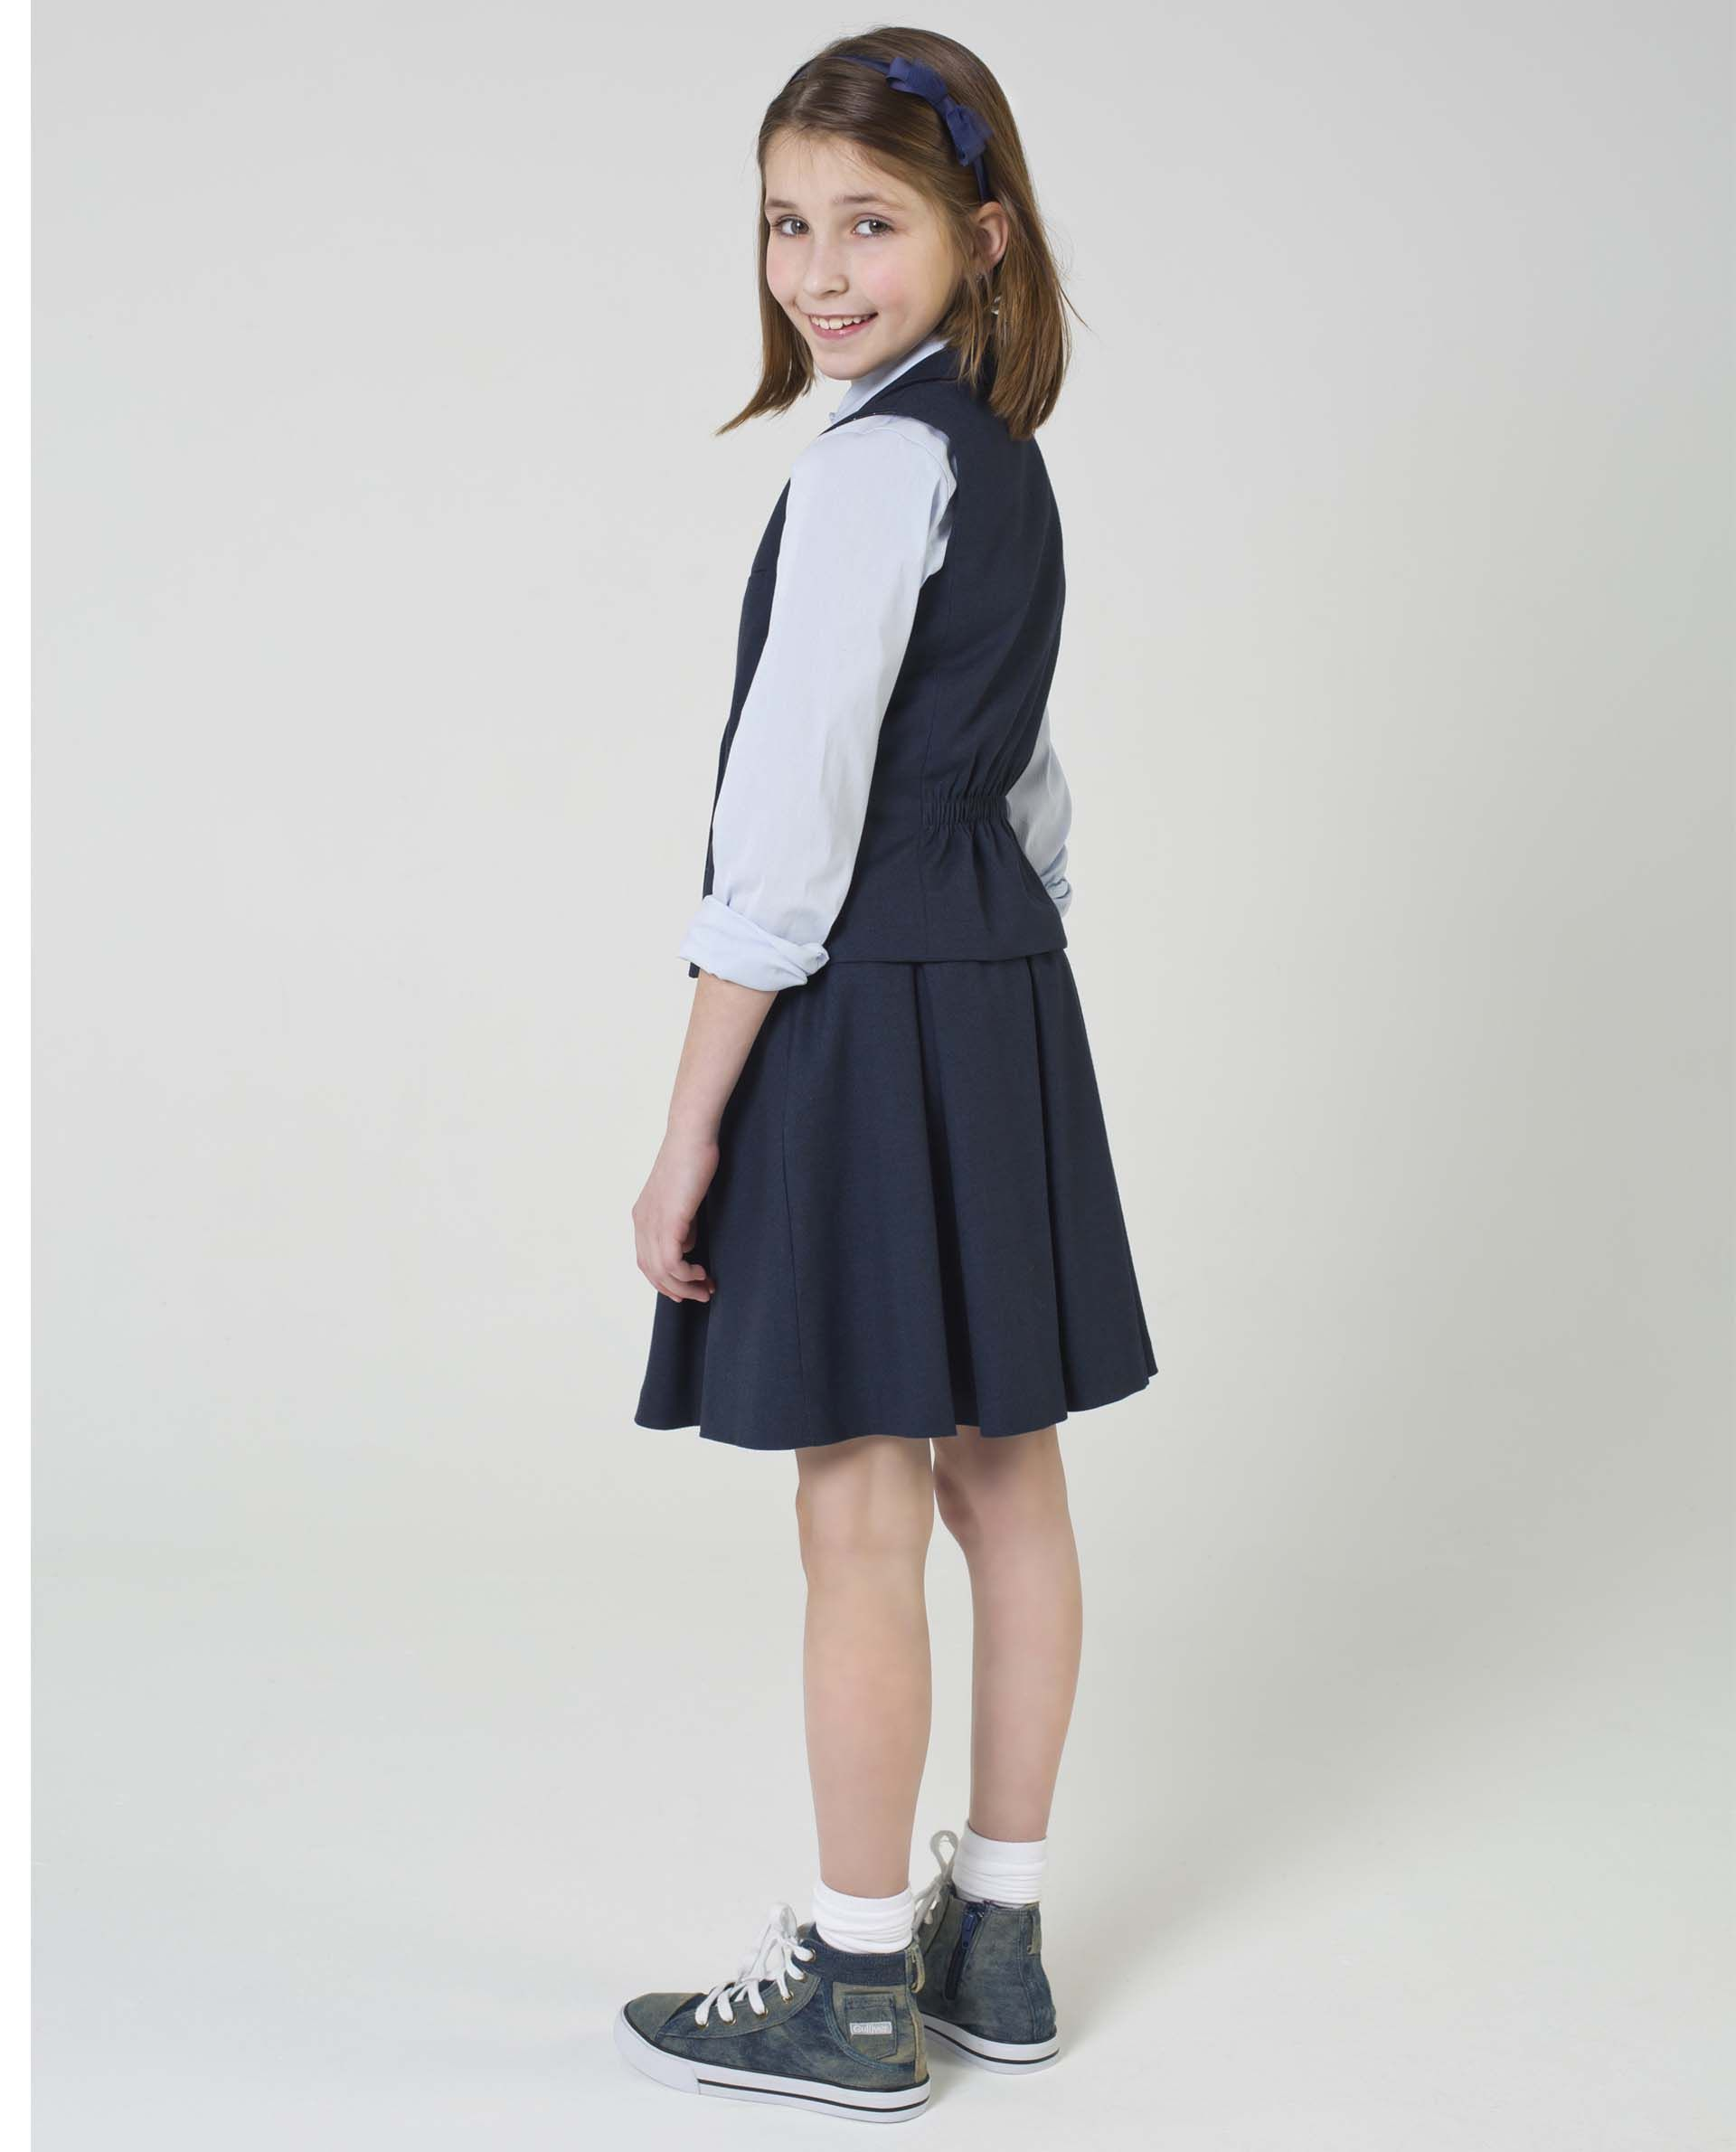 Выкройка рукава к школьной форме для девочки фото 544